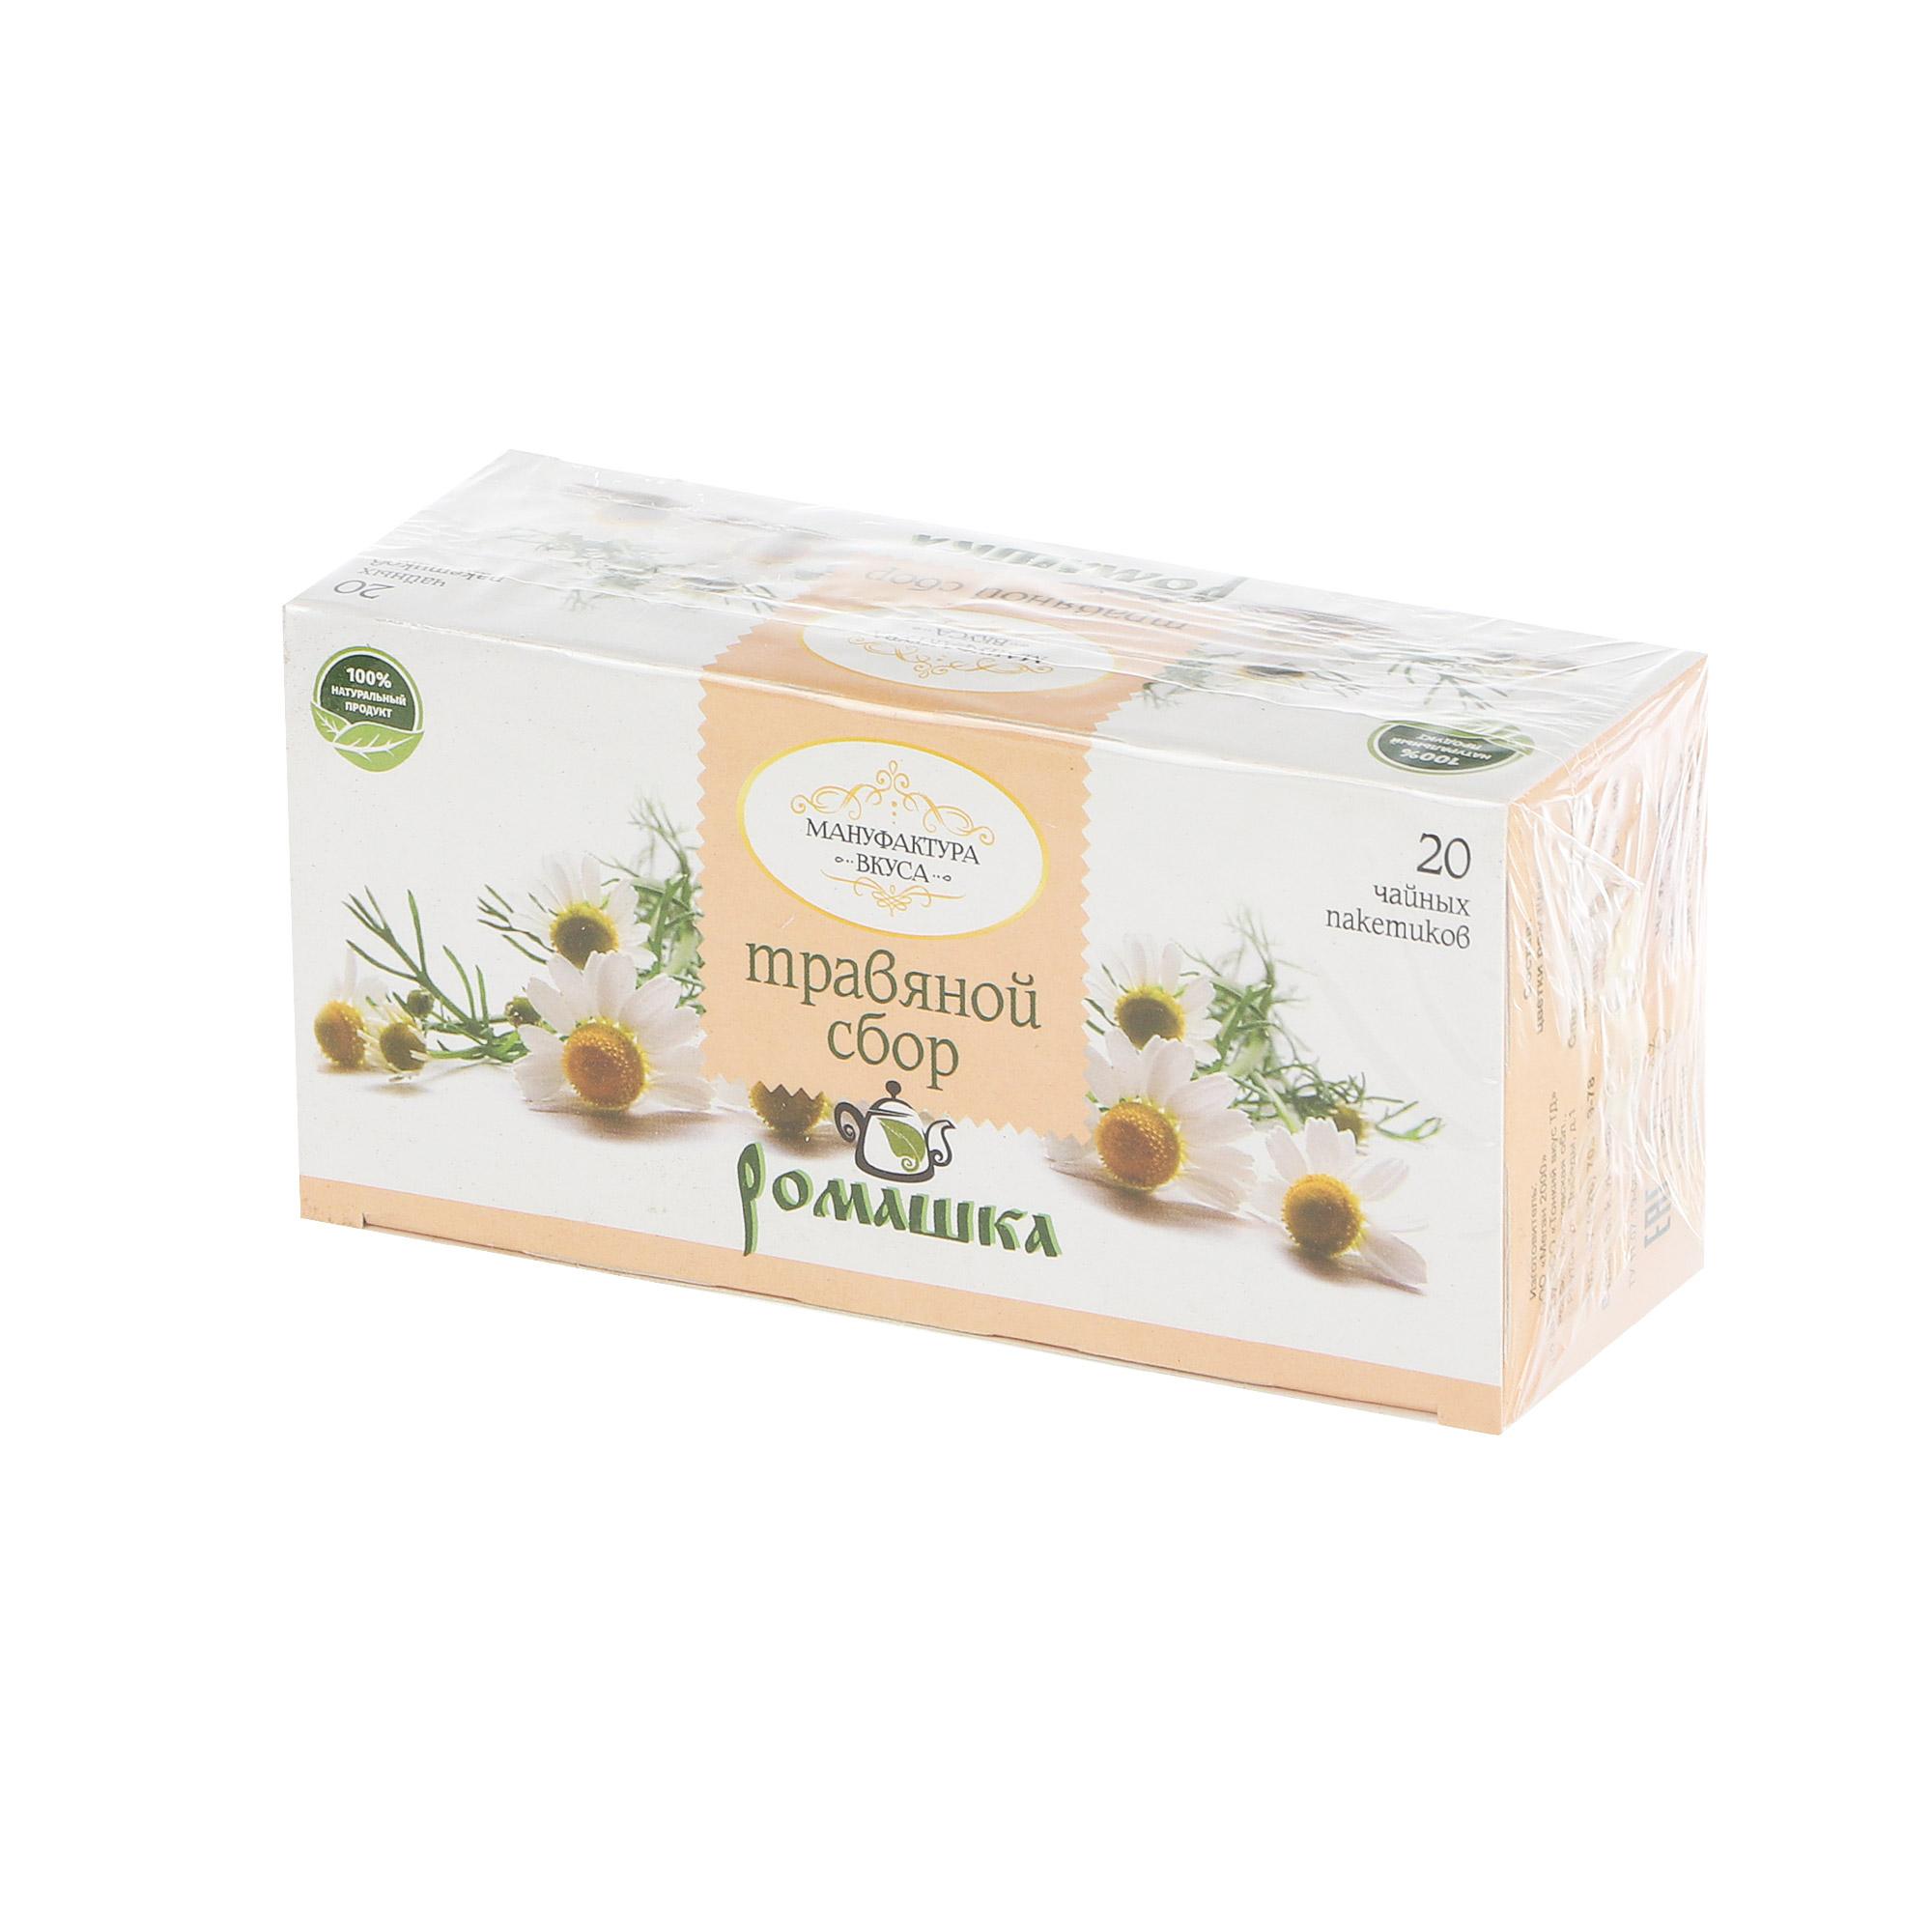 Чайный напиток Мануфактура вкуса Ромашка 20 пакетиков недорого